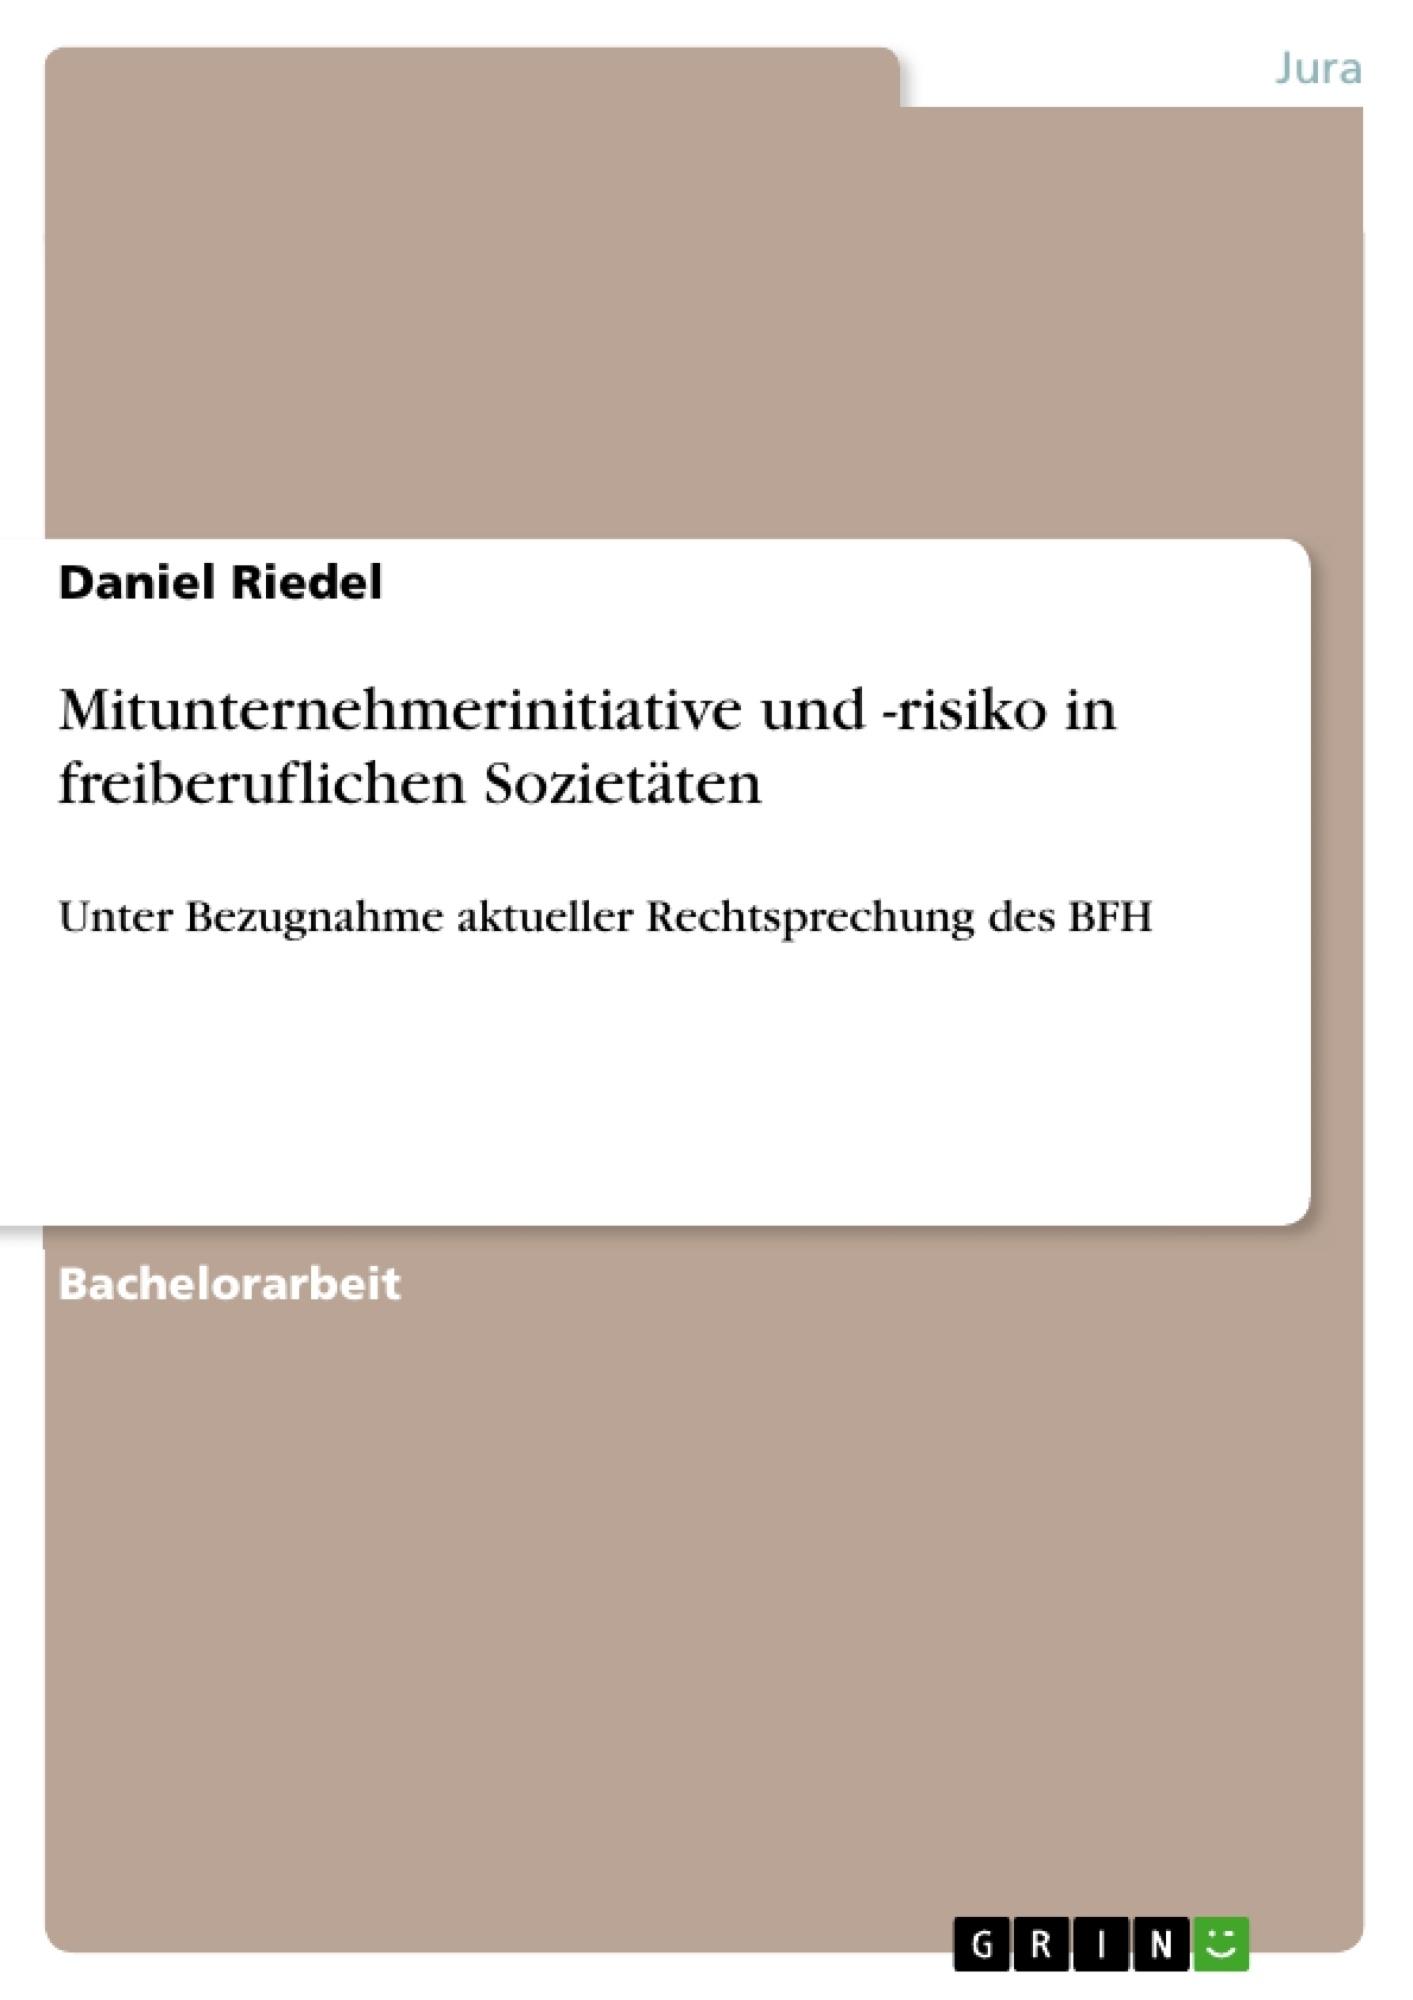 Titel: Mitunternehmerinitiative und -risiko in freiberuflichen Sozietäten